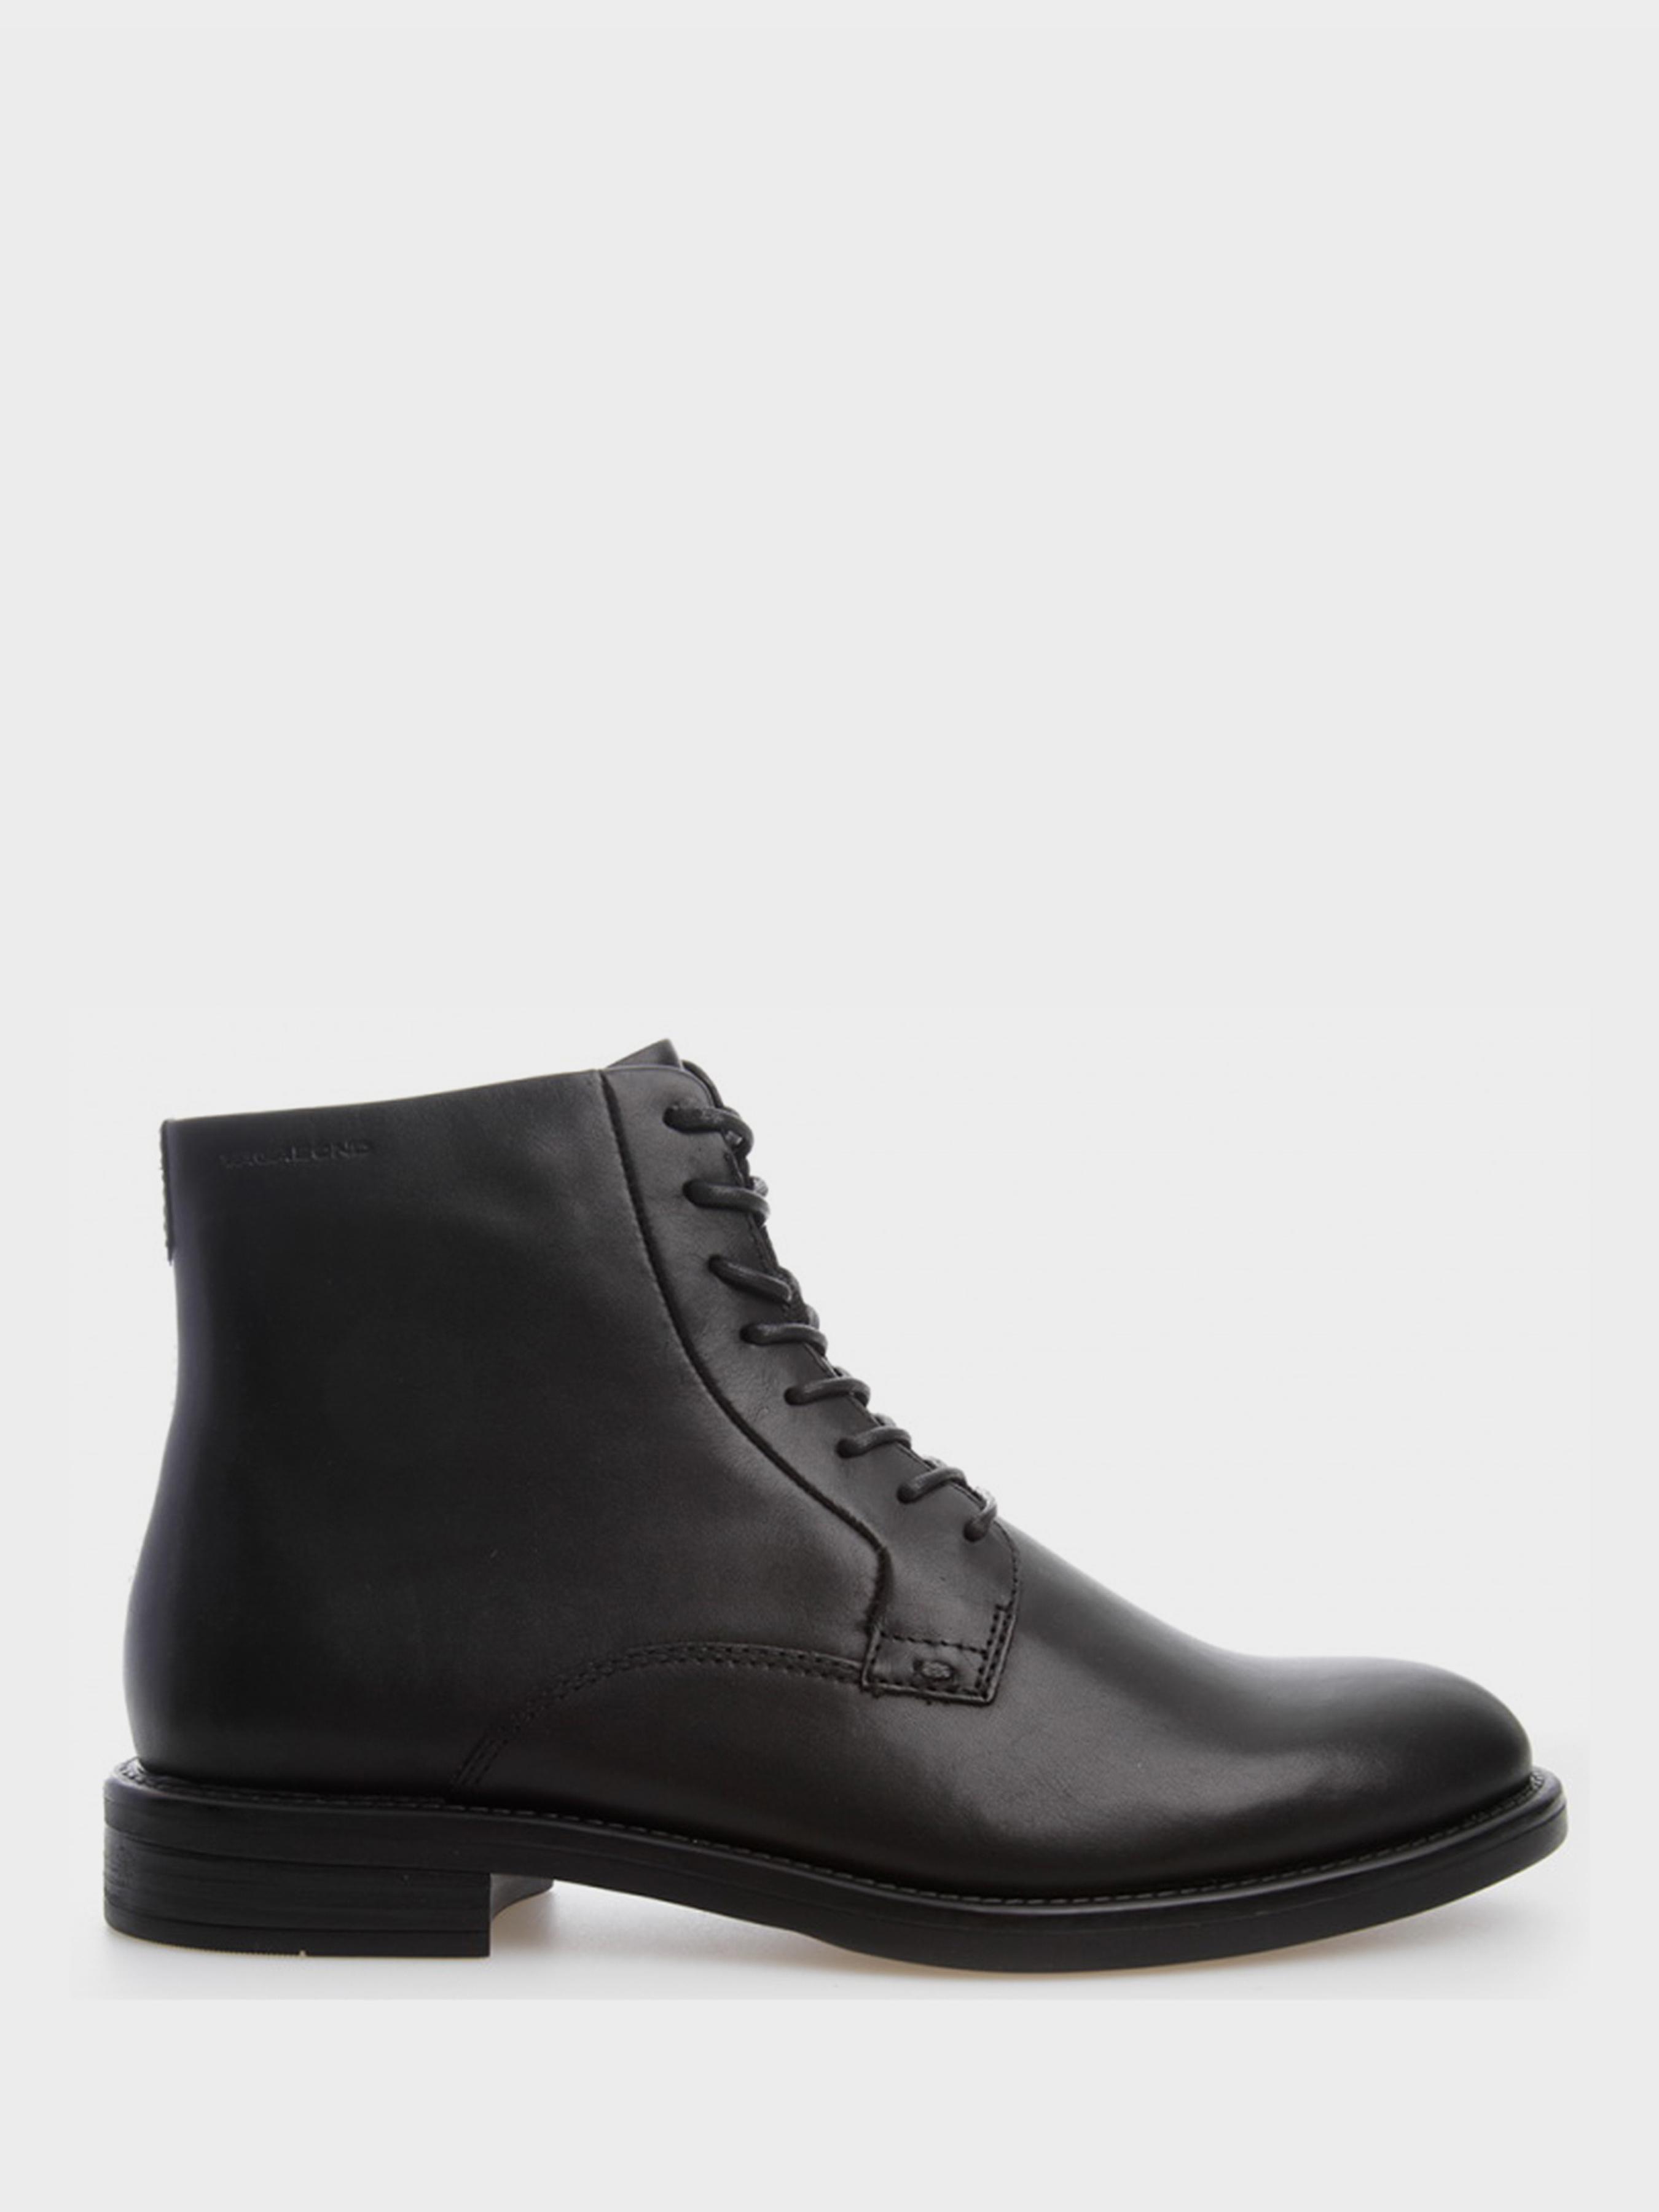 Ботинки для женщин VAGABOND AMINA 4403-301-20 Заказать, 2017